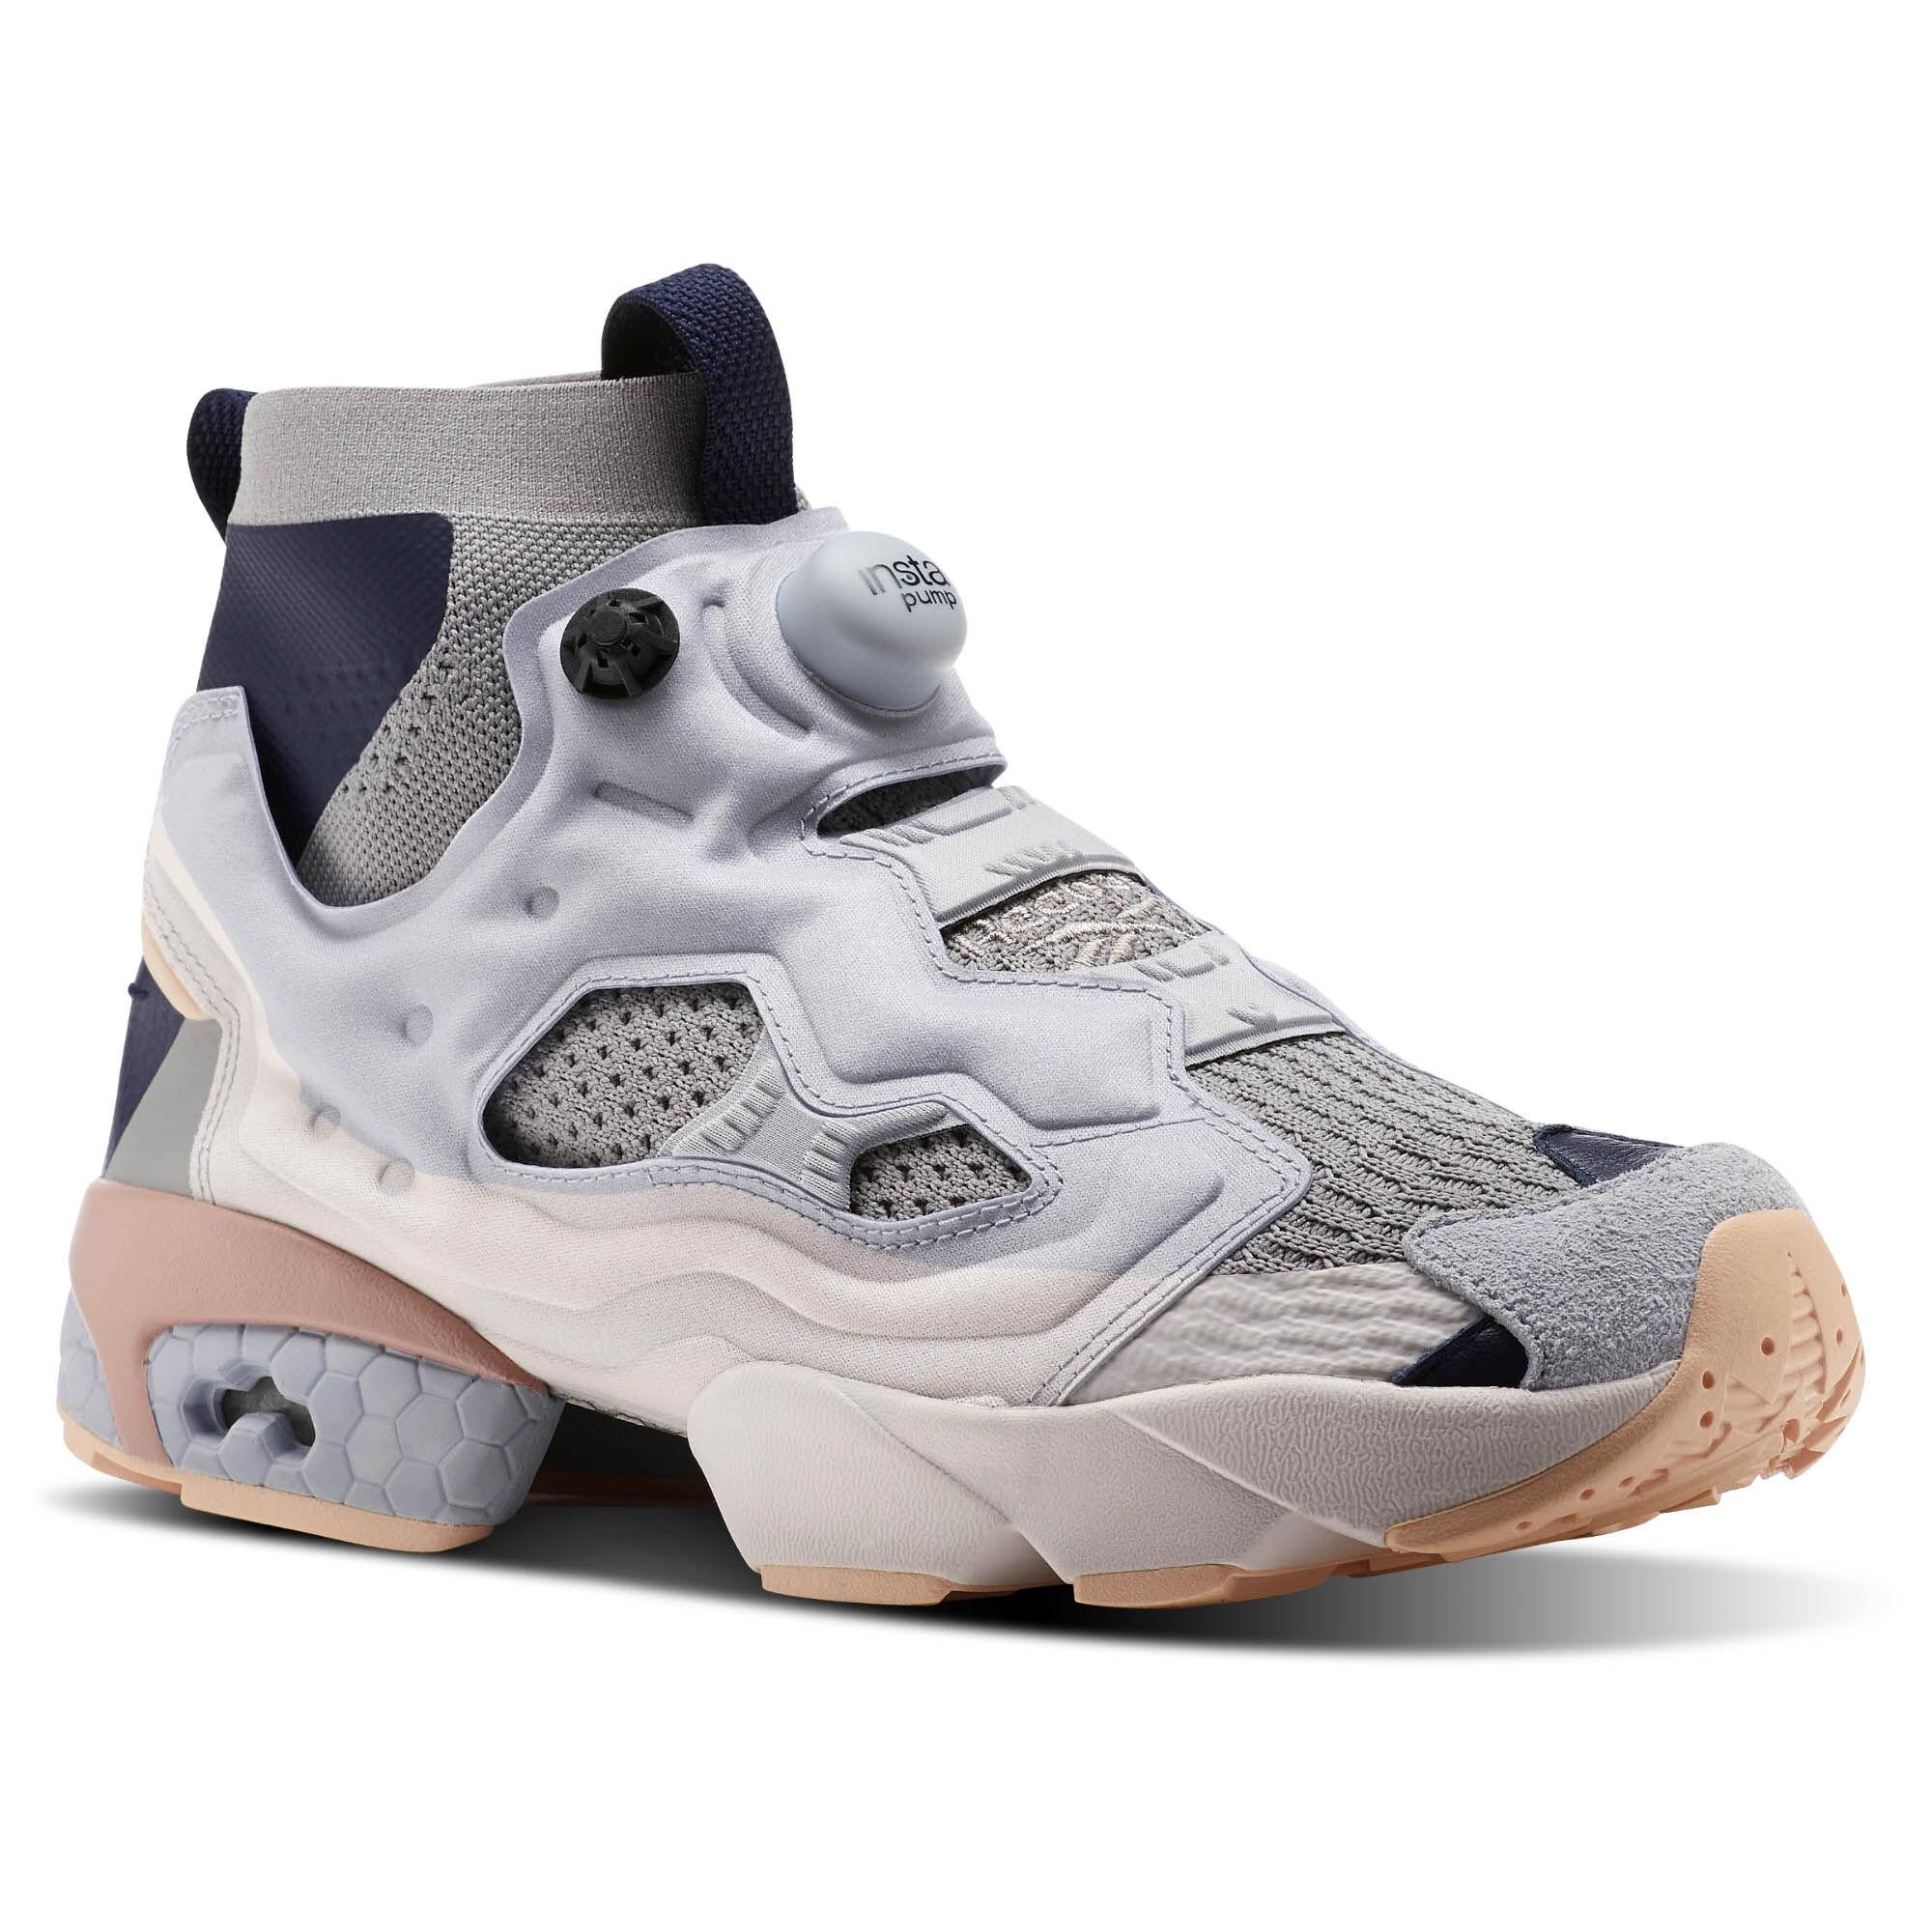 Reebok InstaPump Fury DP sneakers wWHuI1H